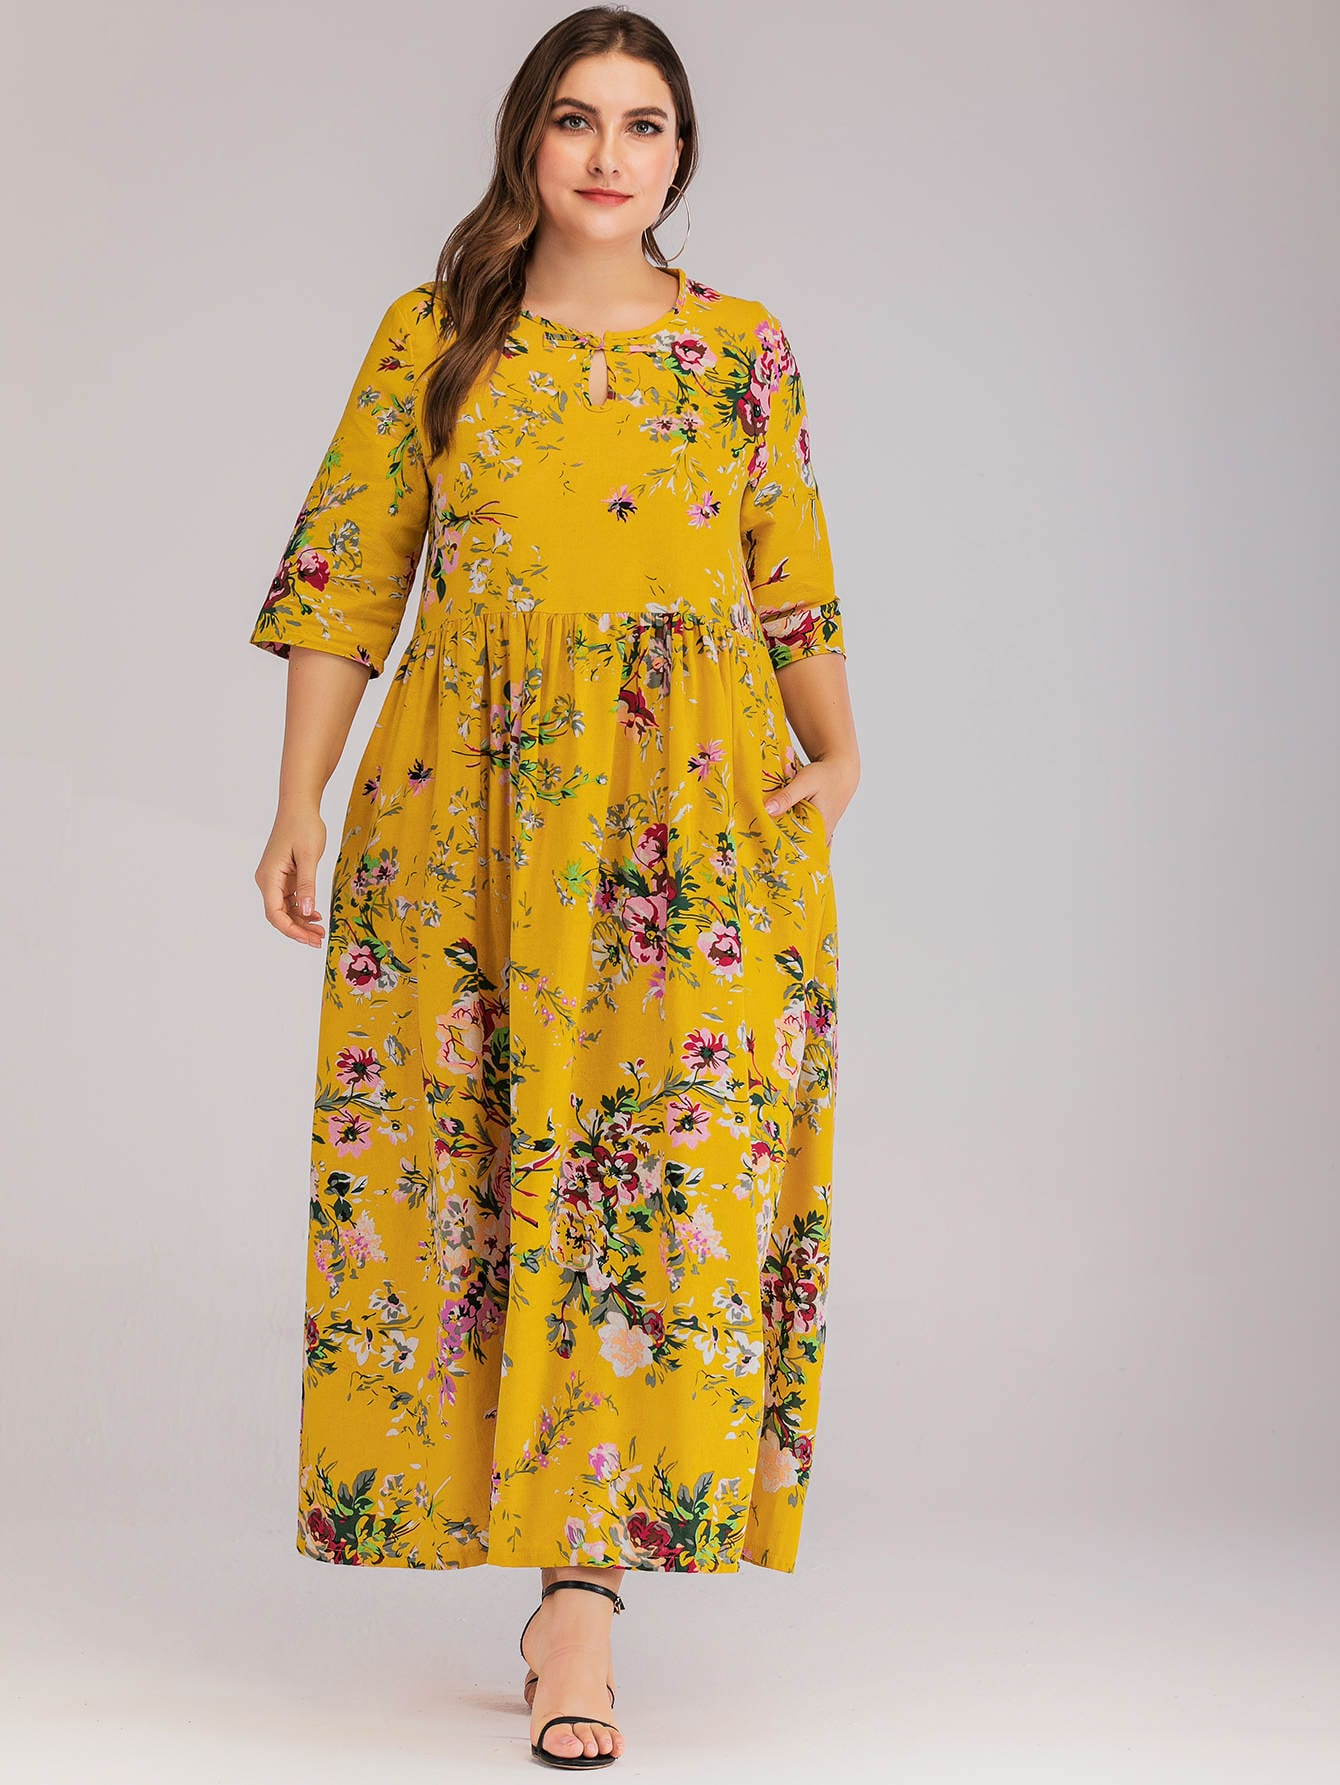 Фото - Длинное платье размера плюс с цветочным принтом от SheIn цвет жёлтые